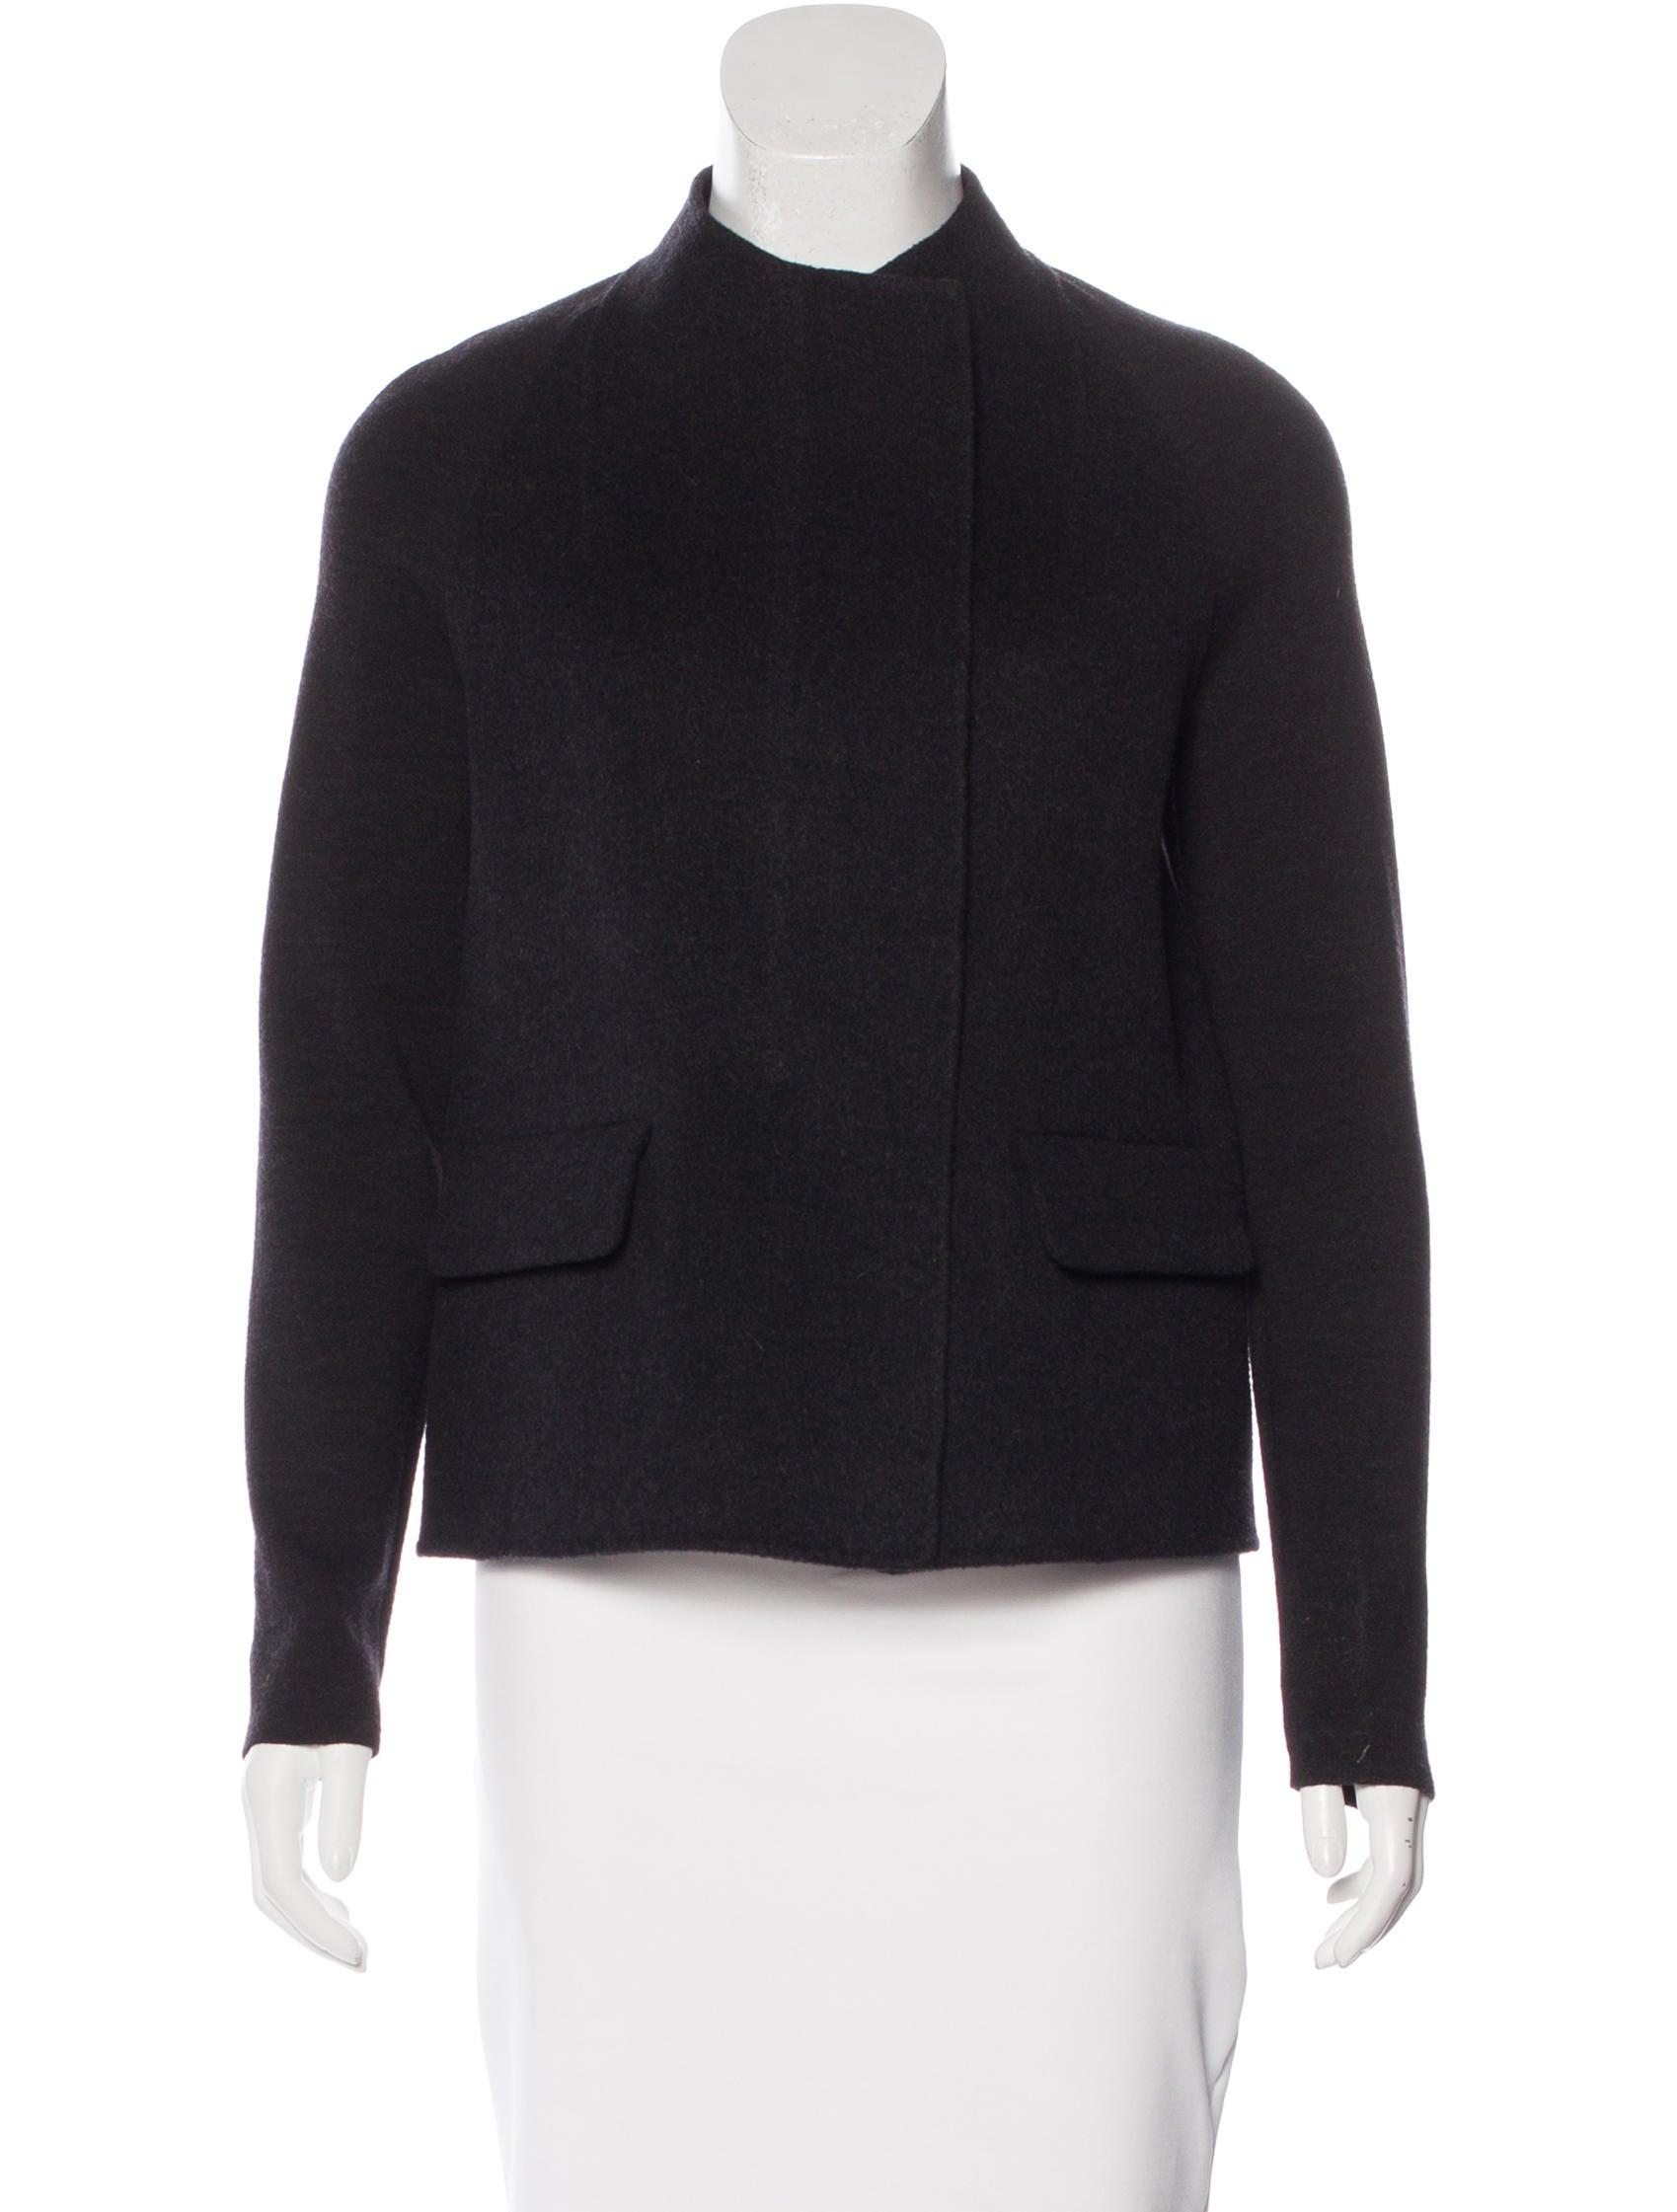 Merino wool jacket womens